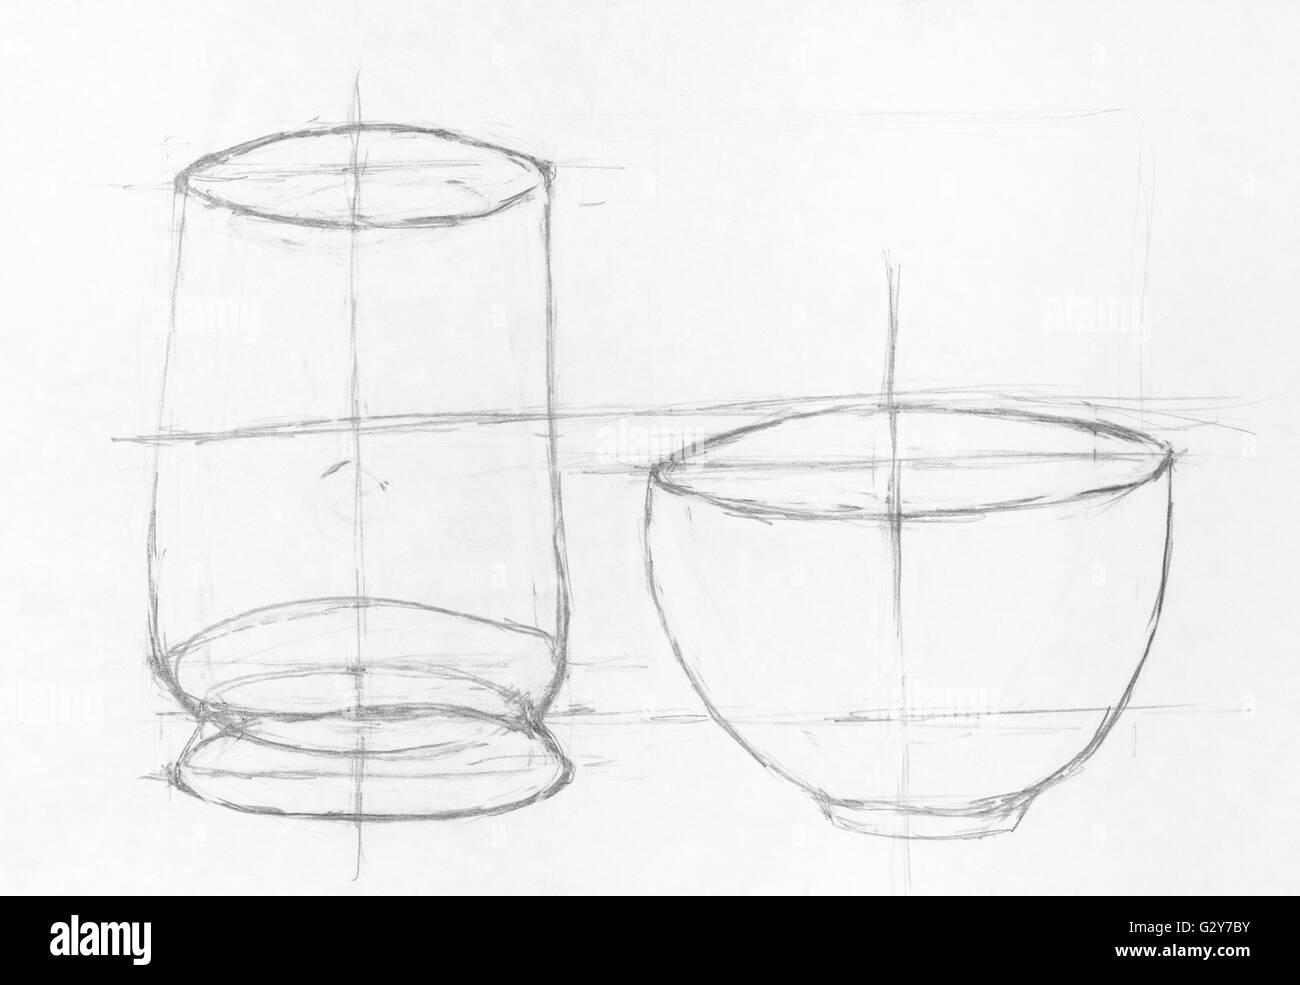 Kinder Zeichnung Zeichnung Von Zwei Schalen Hand Mit Bleistift